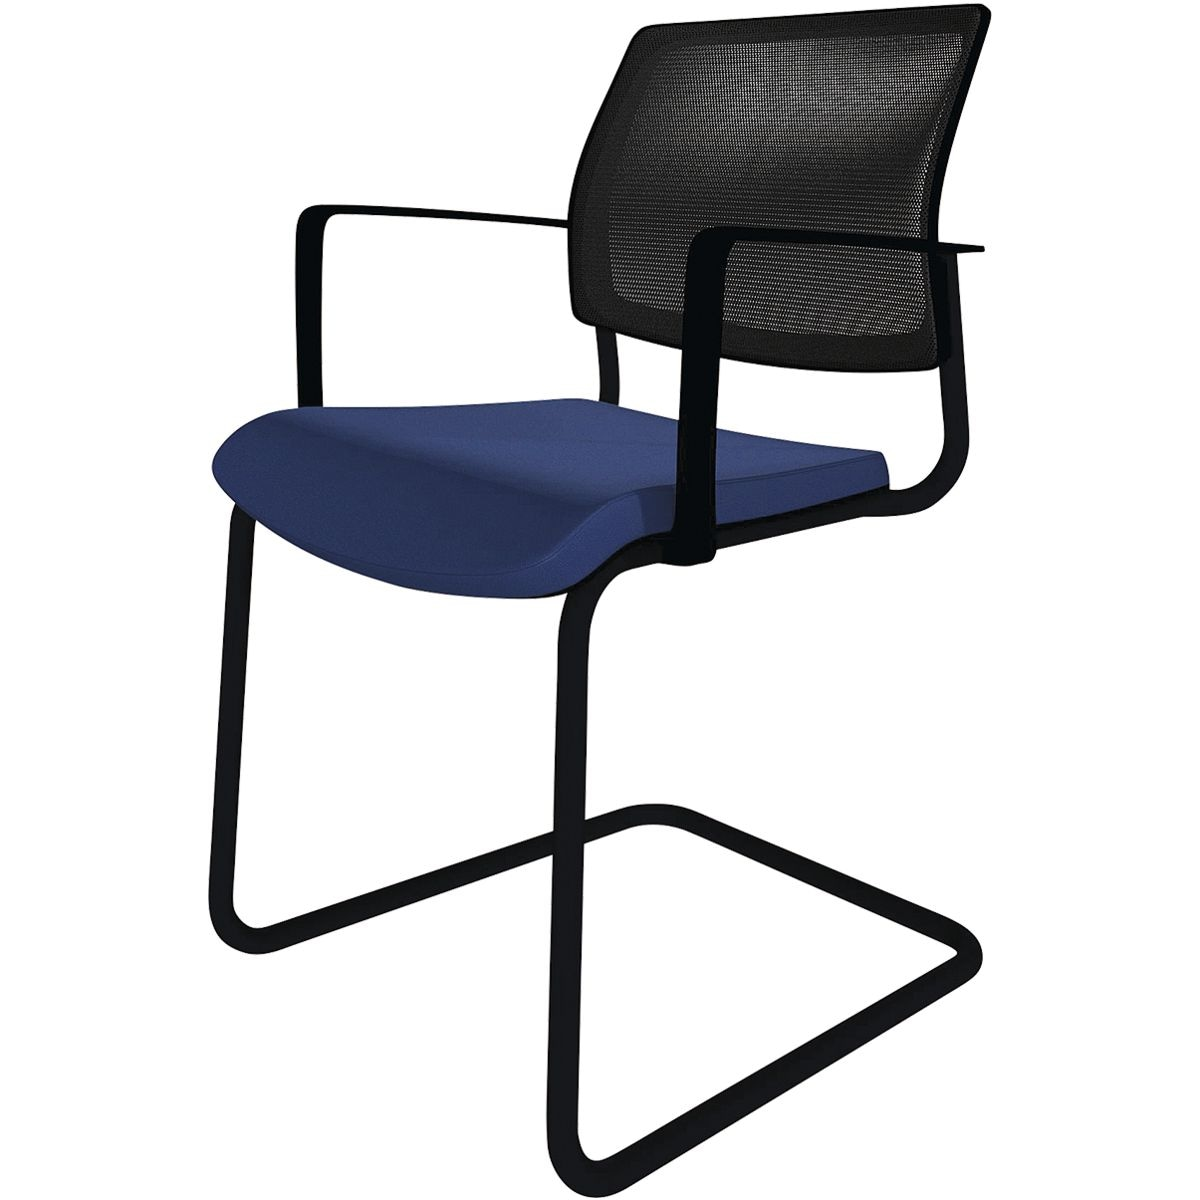 fm b rom bel besucherstuhl netgo bei otto office g nstig kaufen. Black Bedroom Furniture Sets. Home Design Ideas